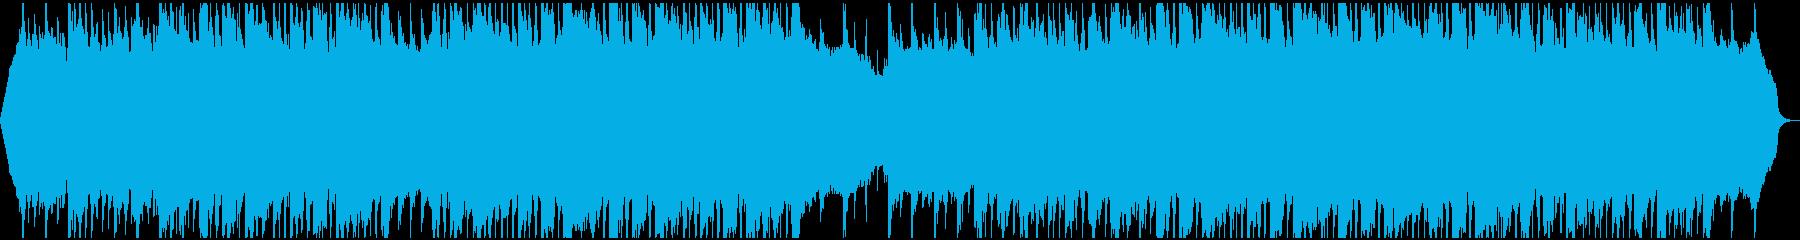 現代の交響曲 企業イメージ 広い ...の再生済みの波形